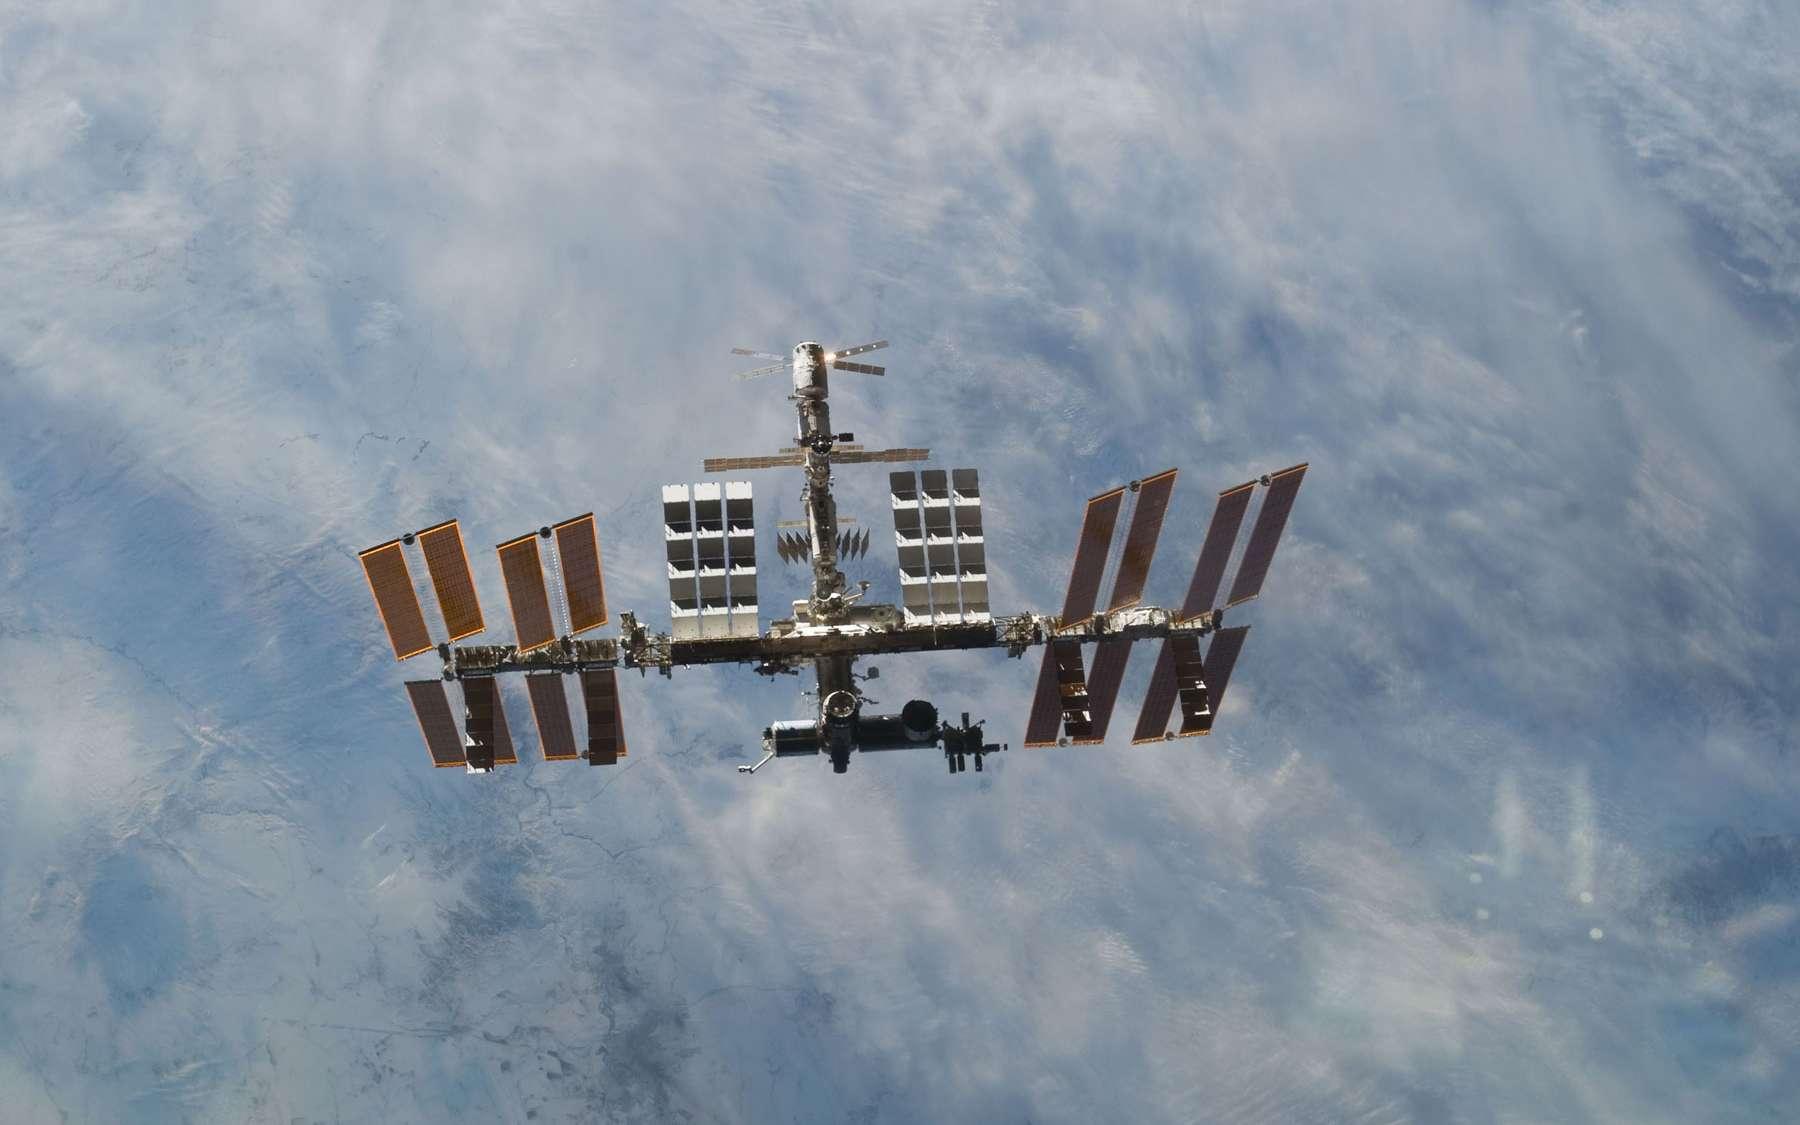 La Station spatiale internationale vue depuis une navette spatiale en mars 2011. © Nasa